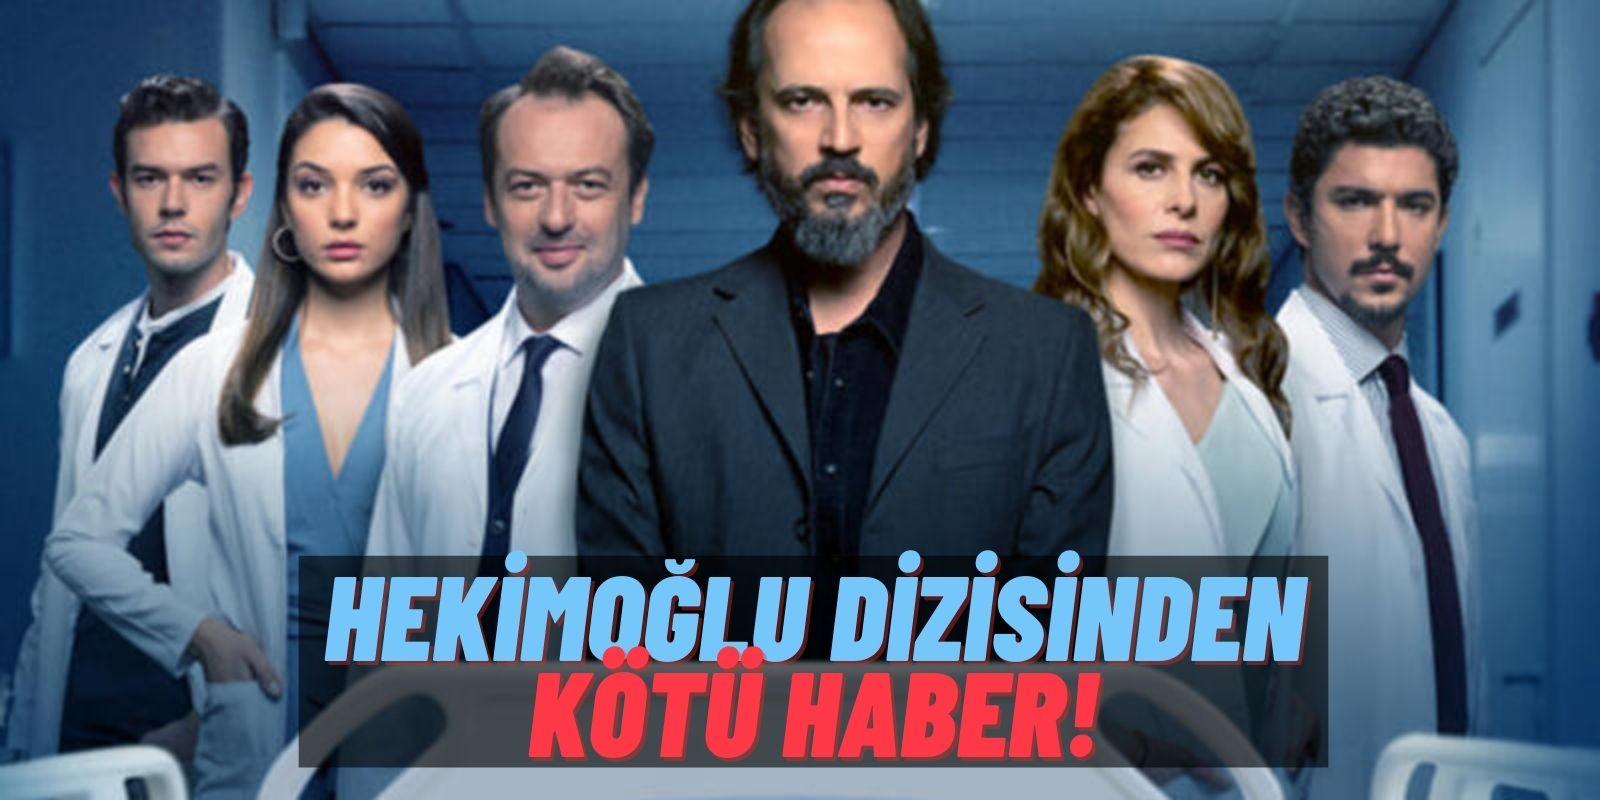 Dr. House'un Uyarlaması Hekimoğlu Dizisi İçin Kanal D Kararını Verdi: 3. Sezon İçin Onay Alamadı! Mayıs'ta Final Var